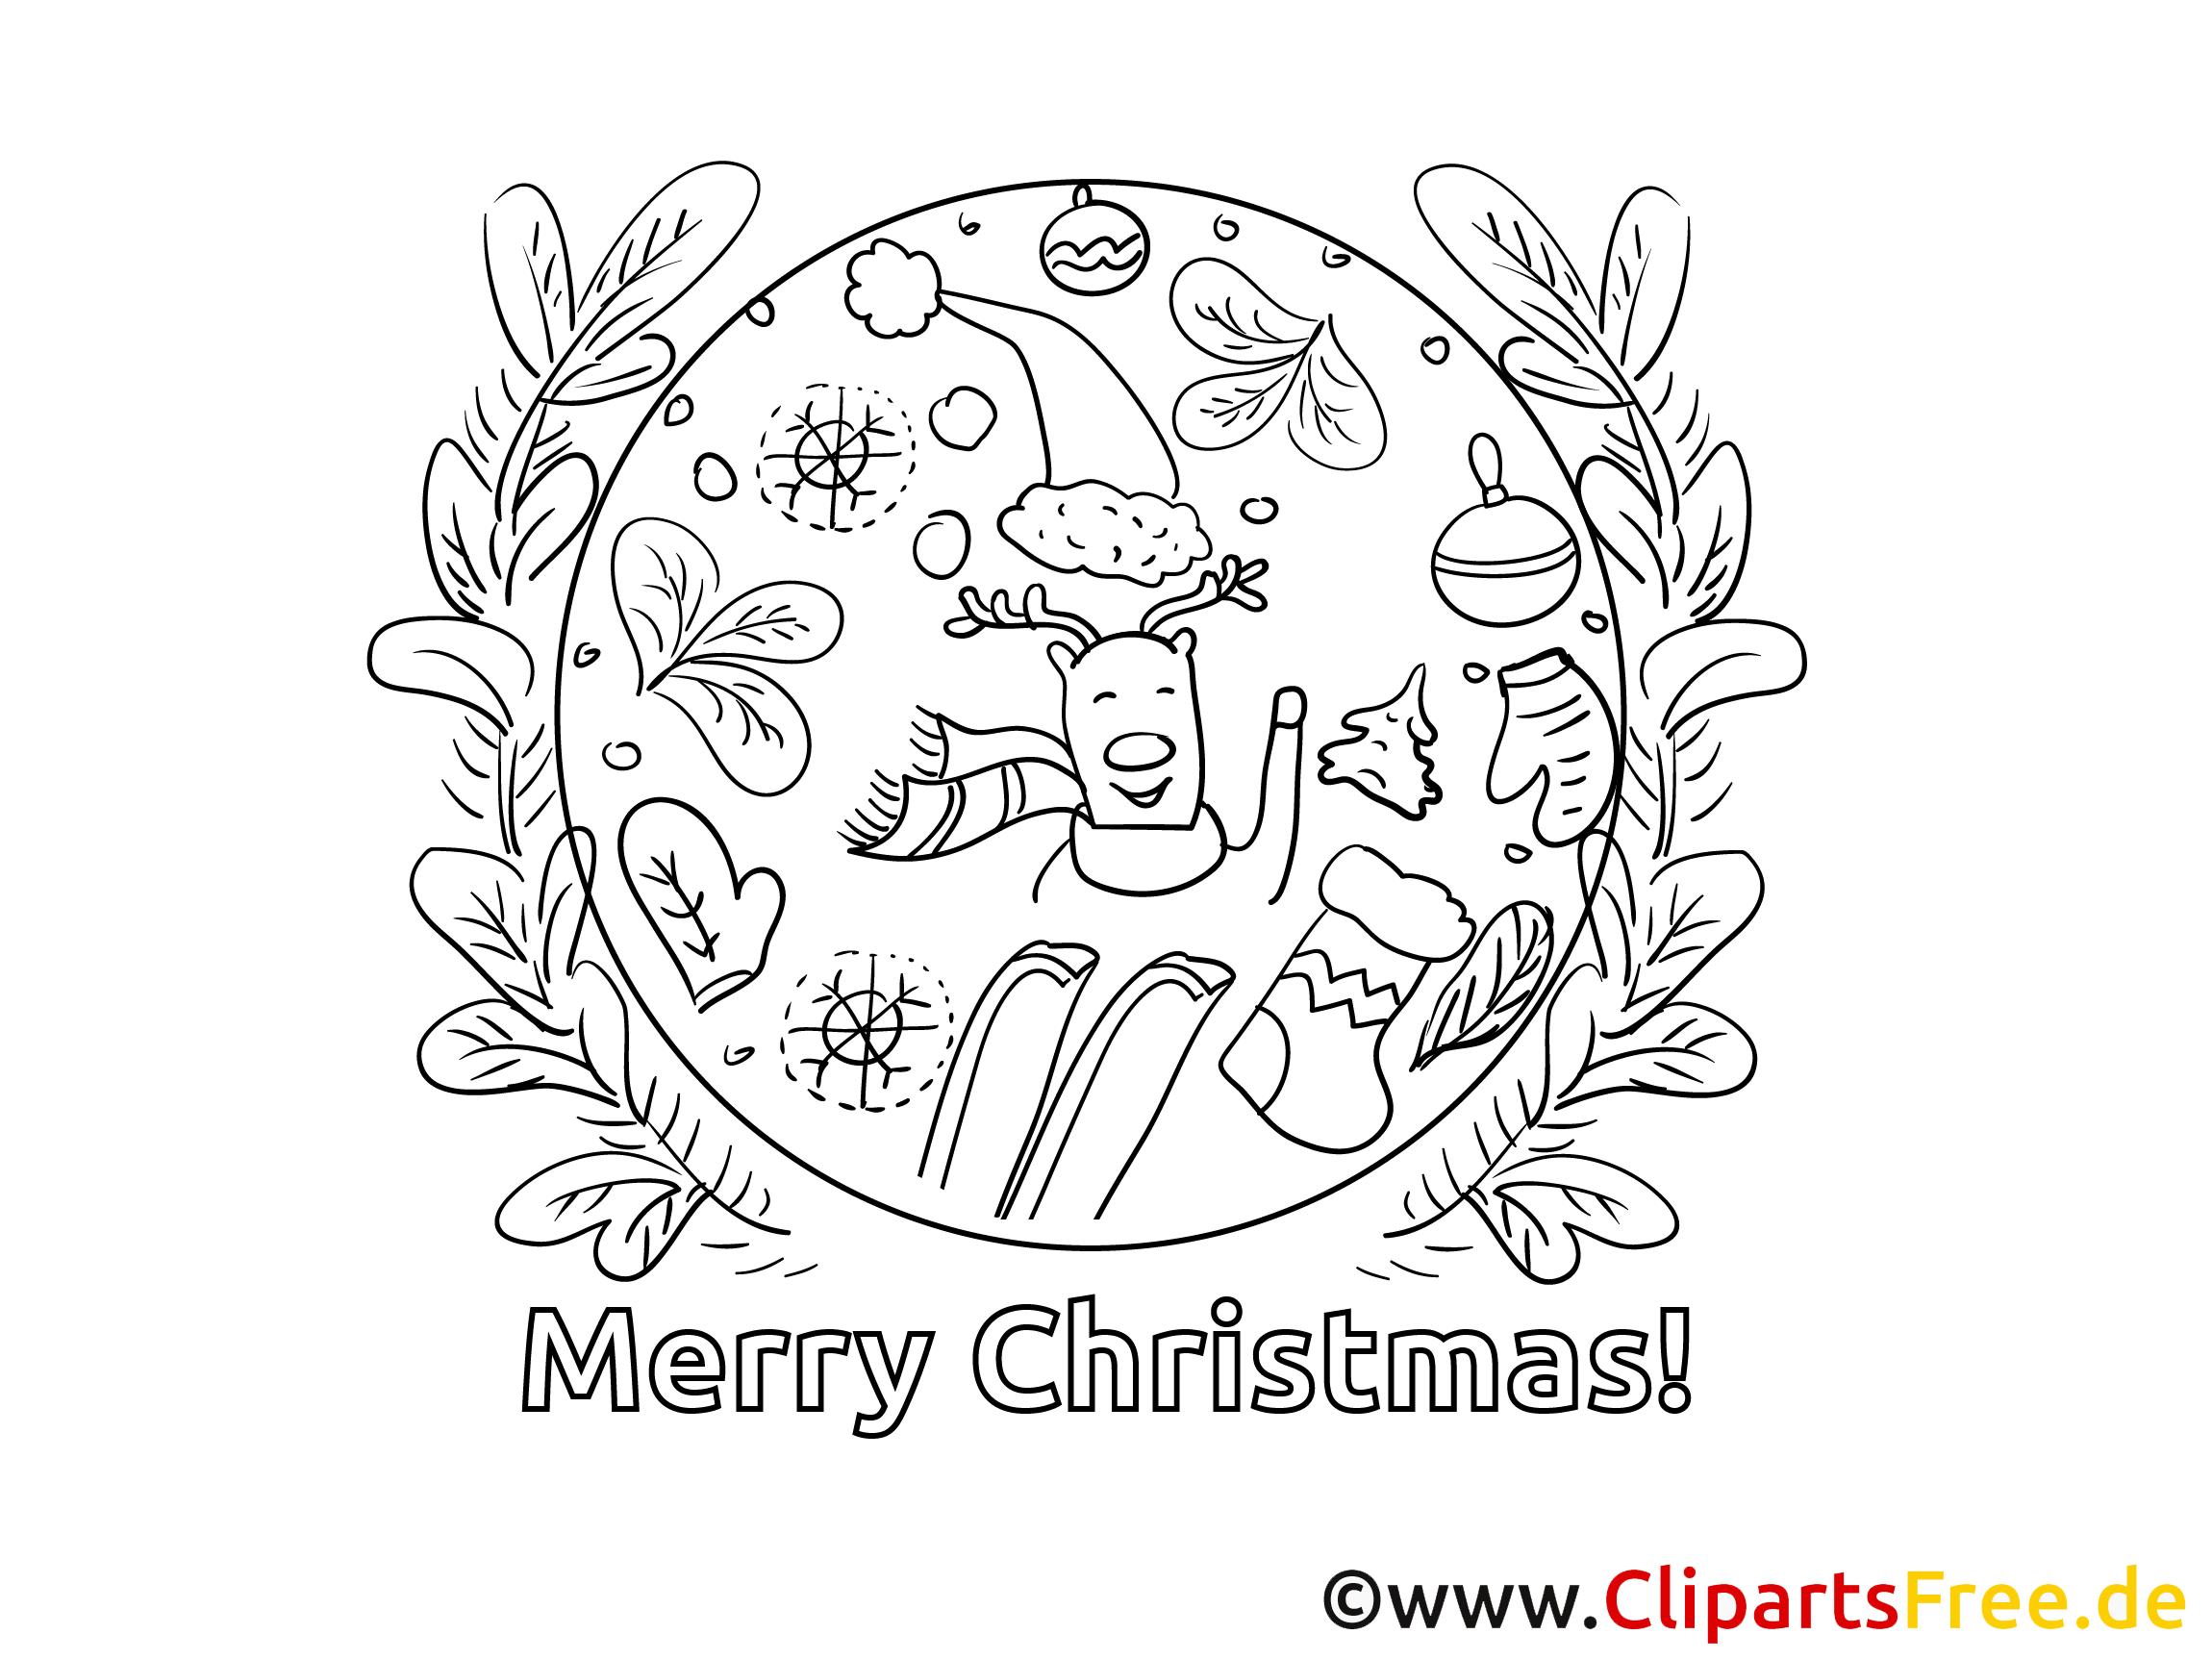 Weihnachtsausmalbild Kostenlos Drucken